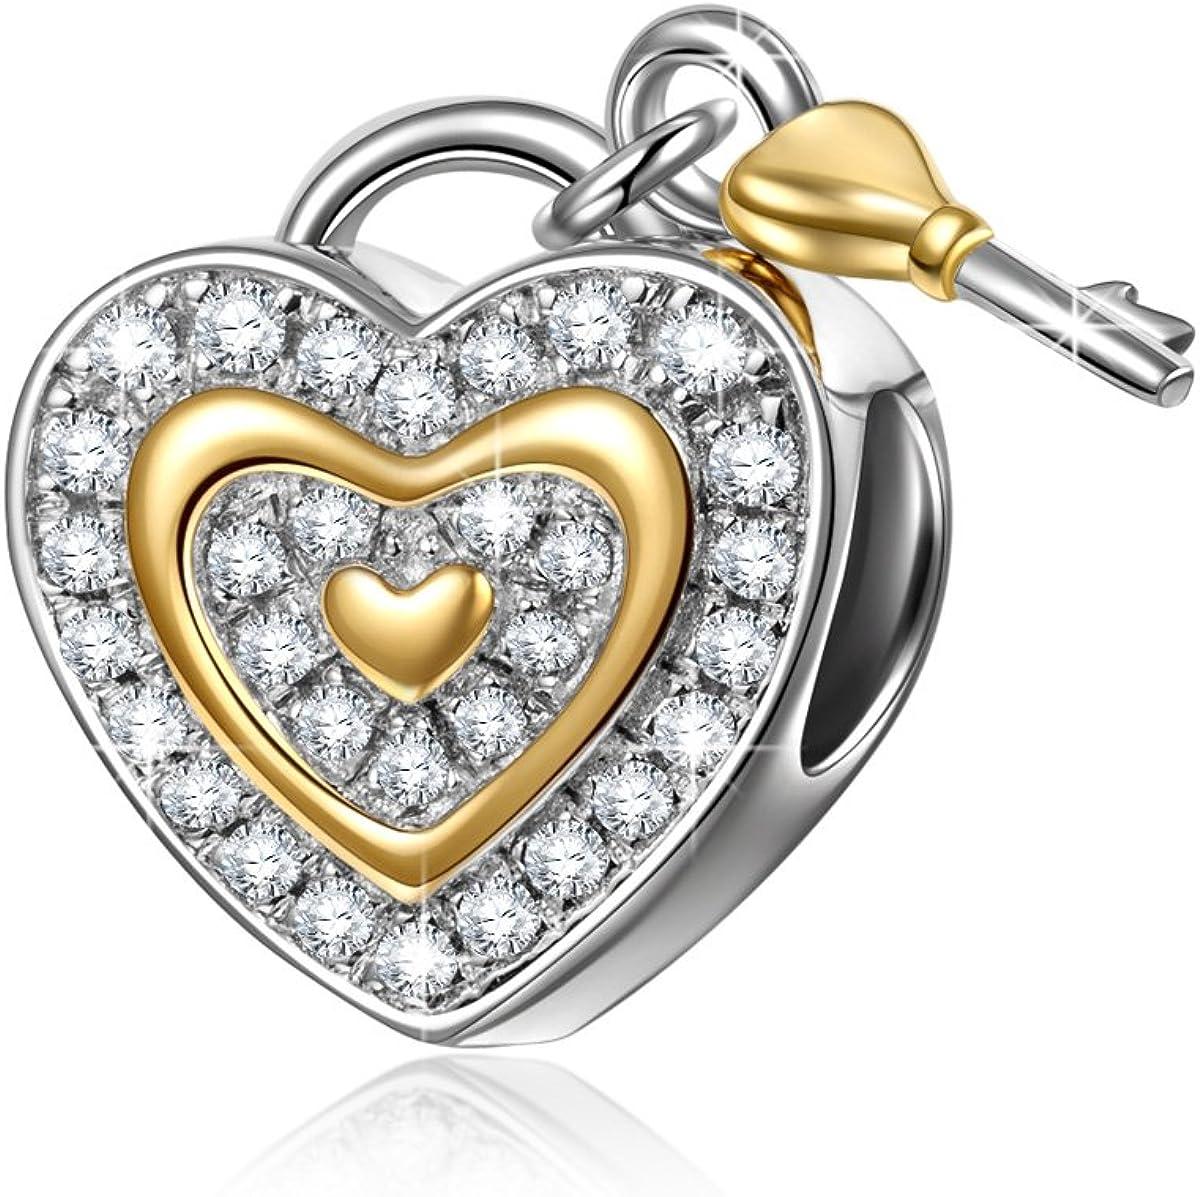 NINAQUEEN® Abalorios Charms - Abre tu Corazón Plata de Ley 925, Regalos Mujer, Regalo para Ella, Regalo de Cumpleaños Aniversario, con Embalaje de Caja Joyería